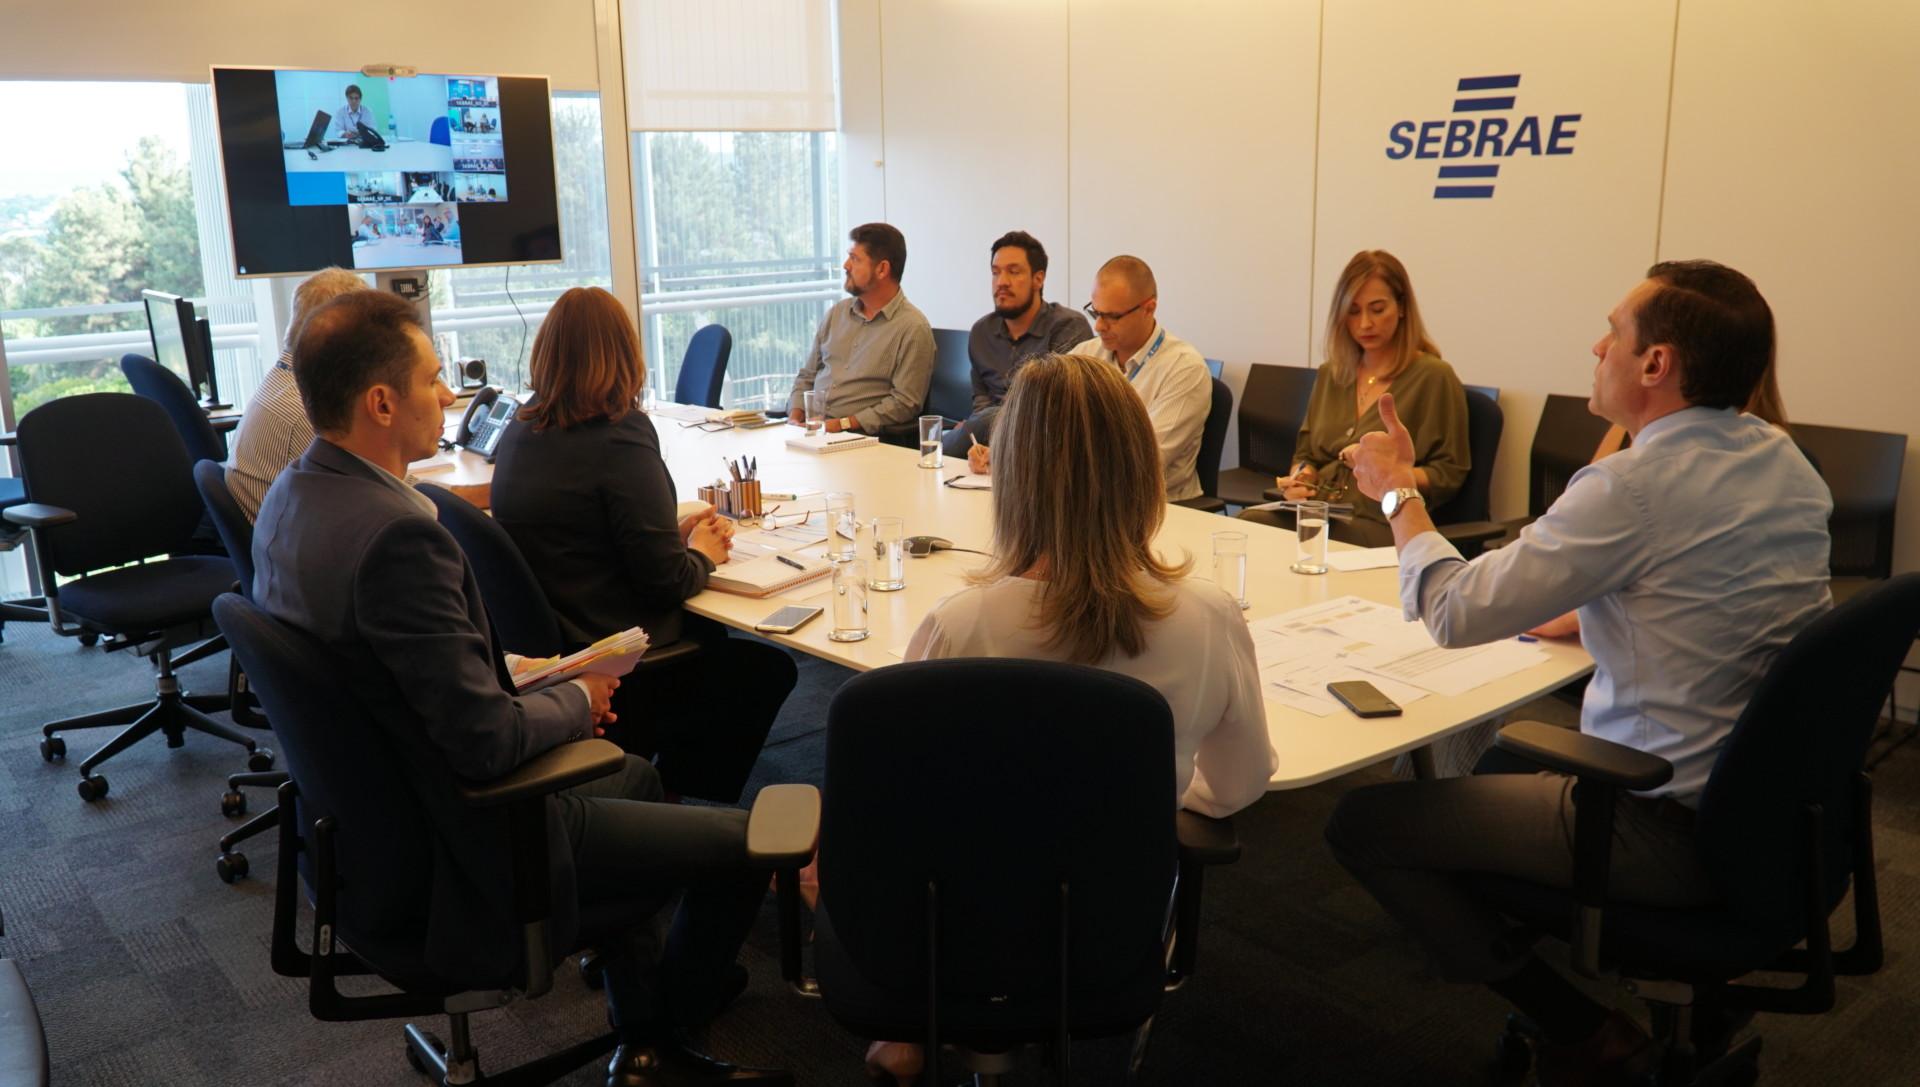 Videoconferência sobre o Centro de Serviços Compartilhados